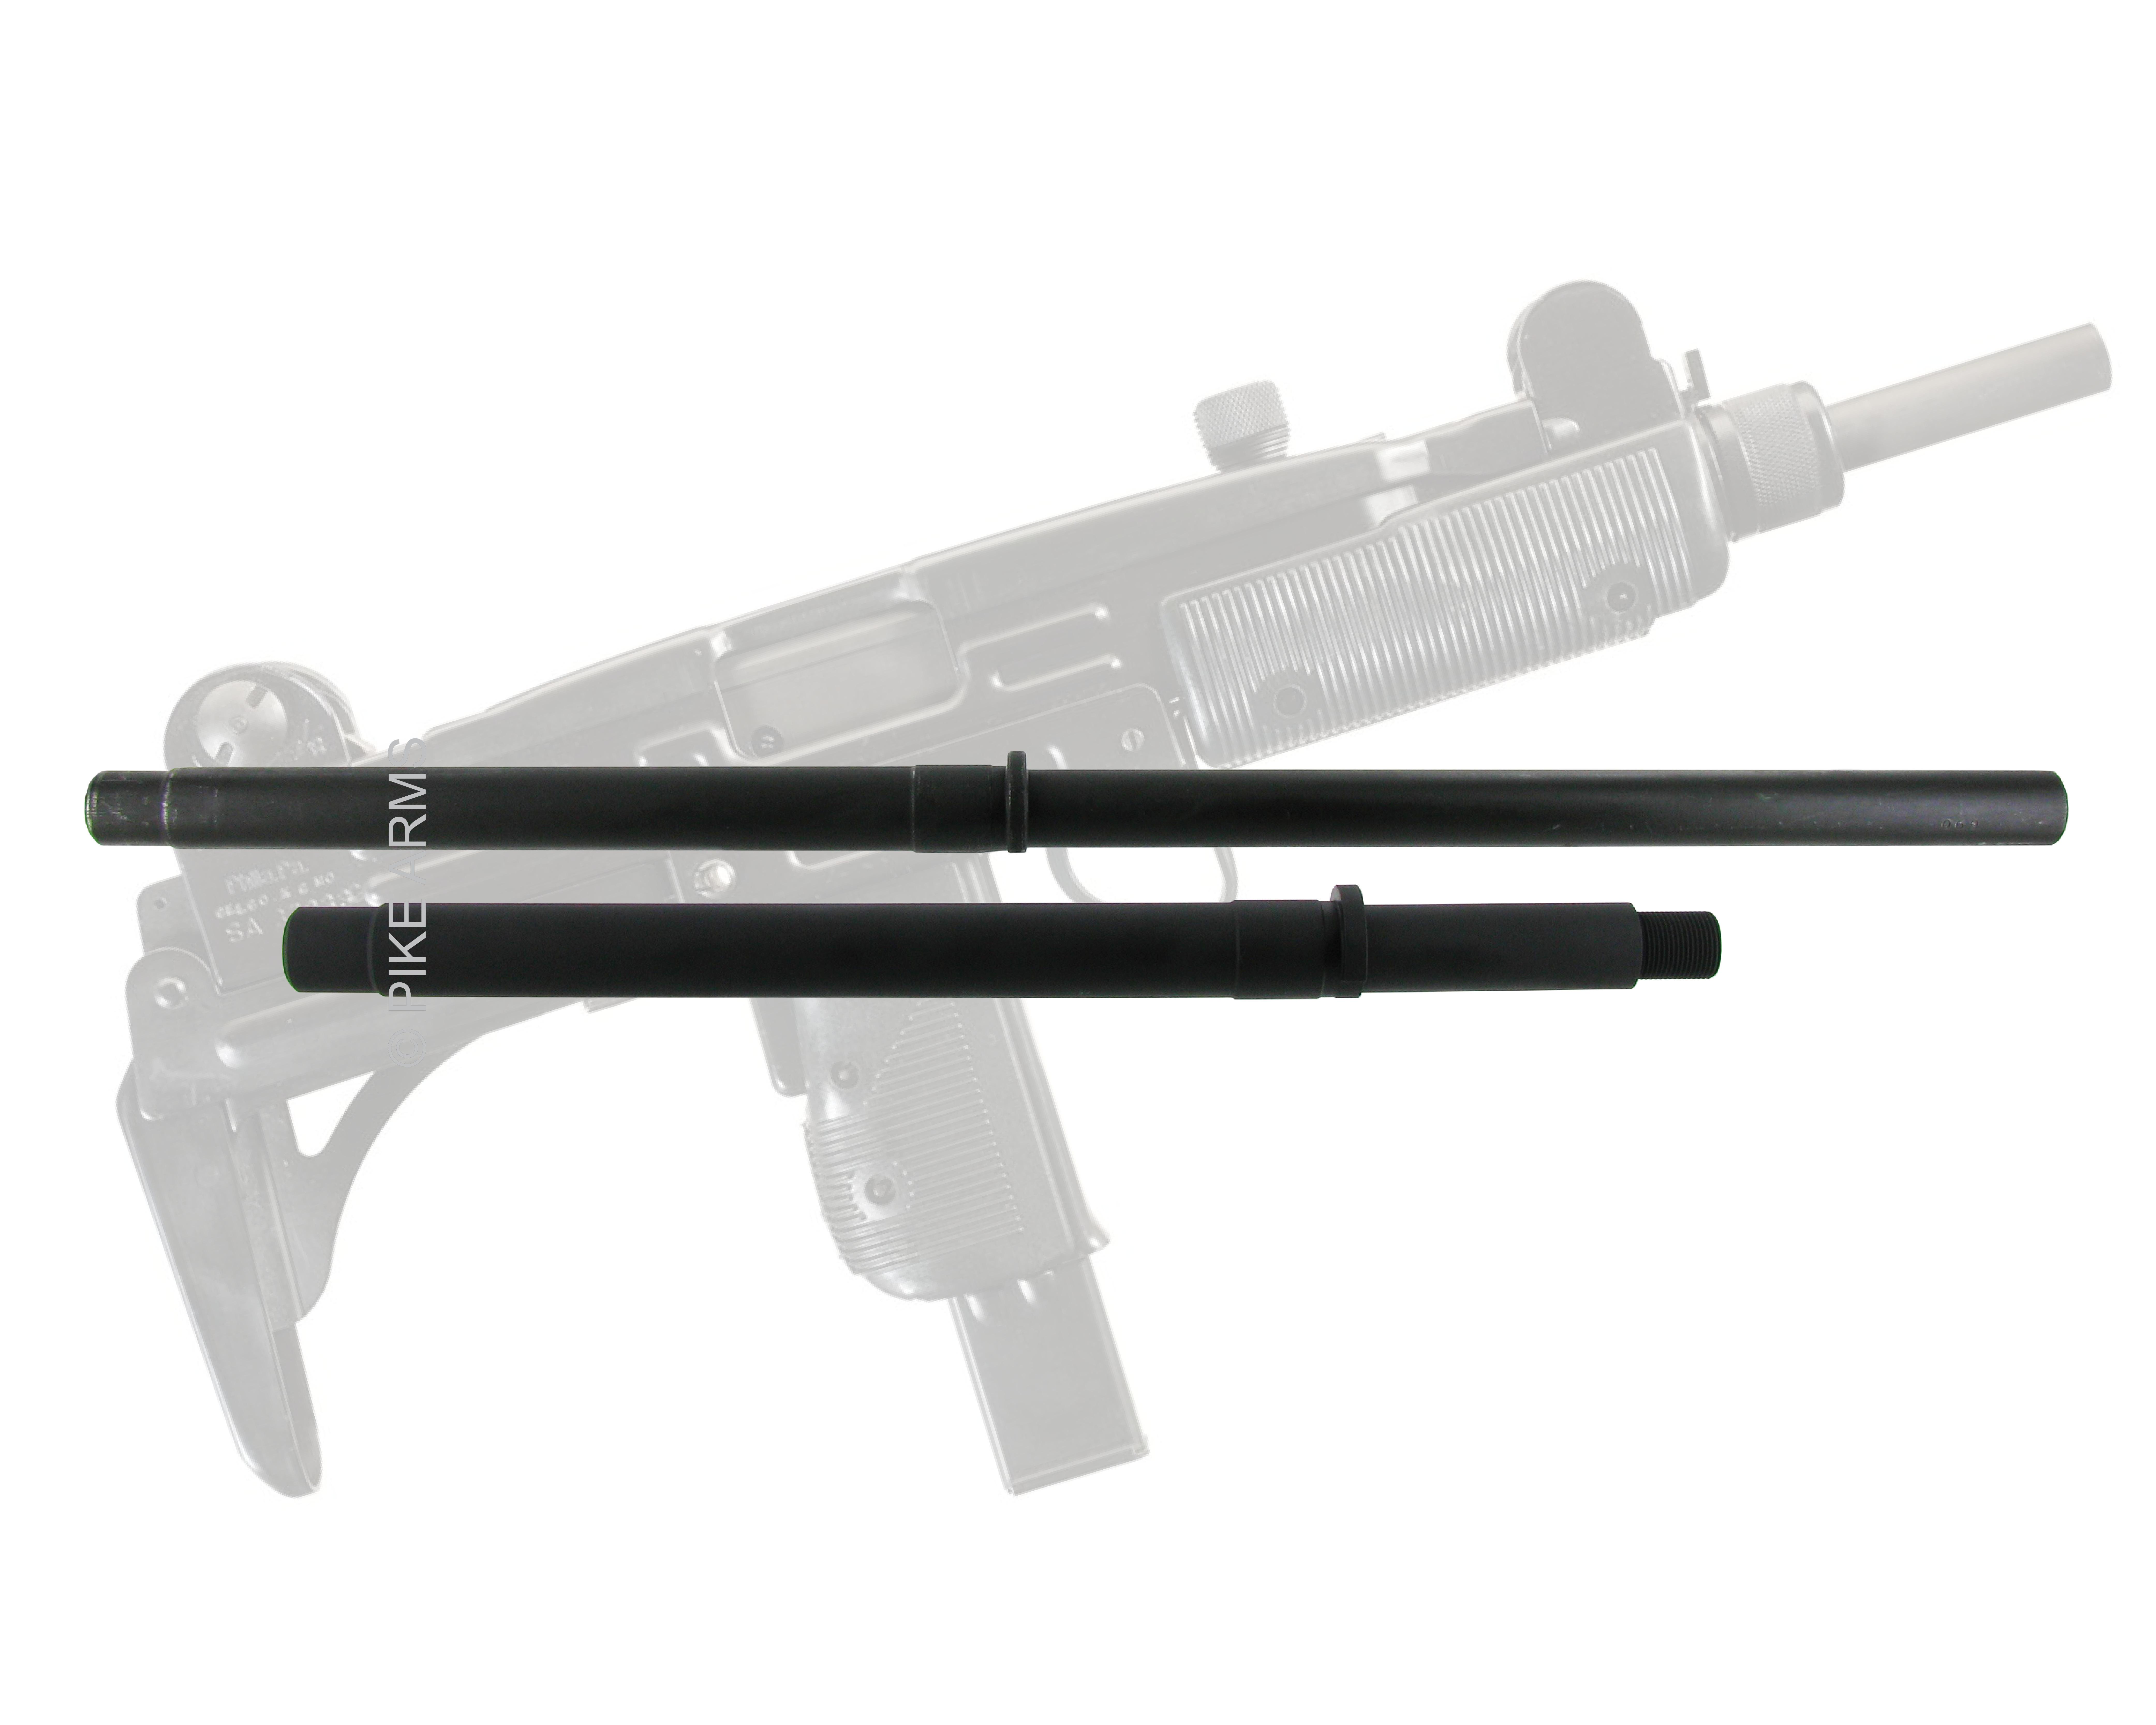 Pike Arms